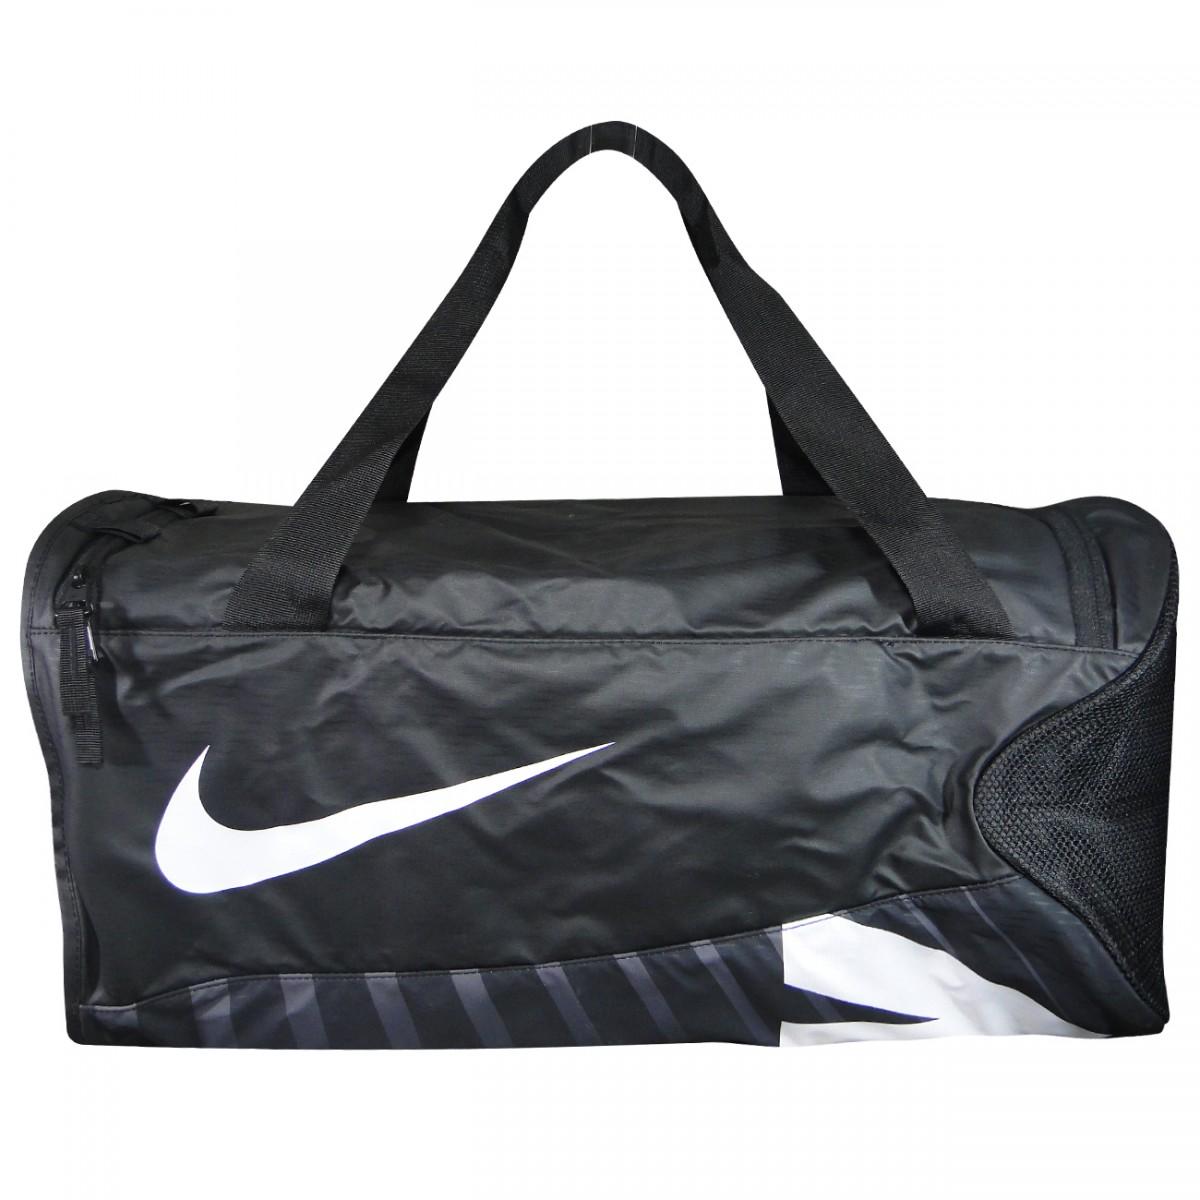 2efeb0e75 Bolsa Nike BA5182 BA5182 010 - Preto/Branco - Chuteira Nike, Adidas.  Sandalias Femininas. Sandy Calçados